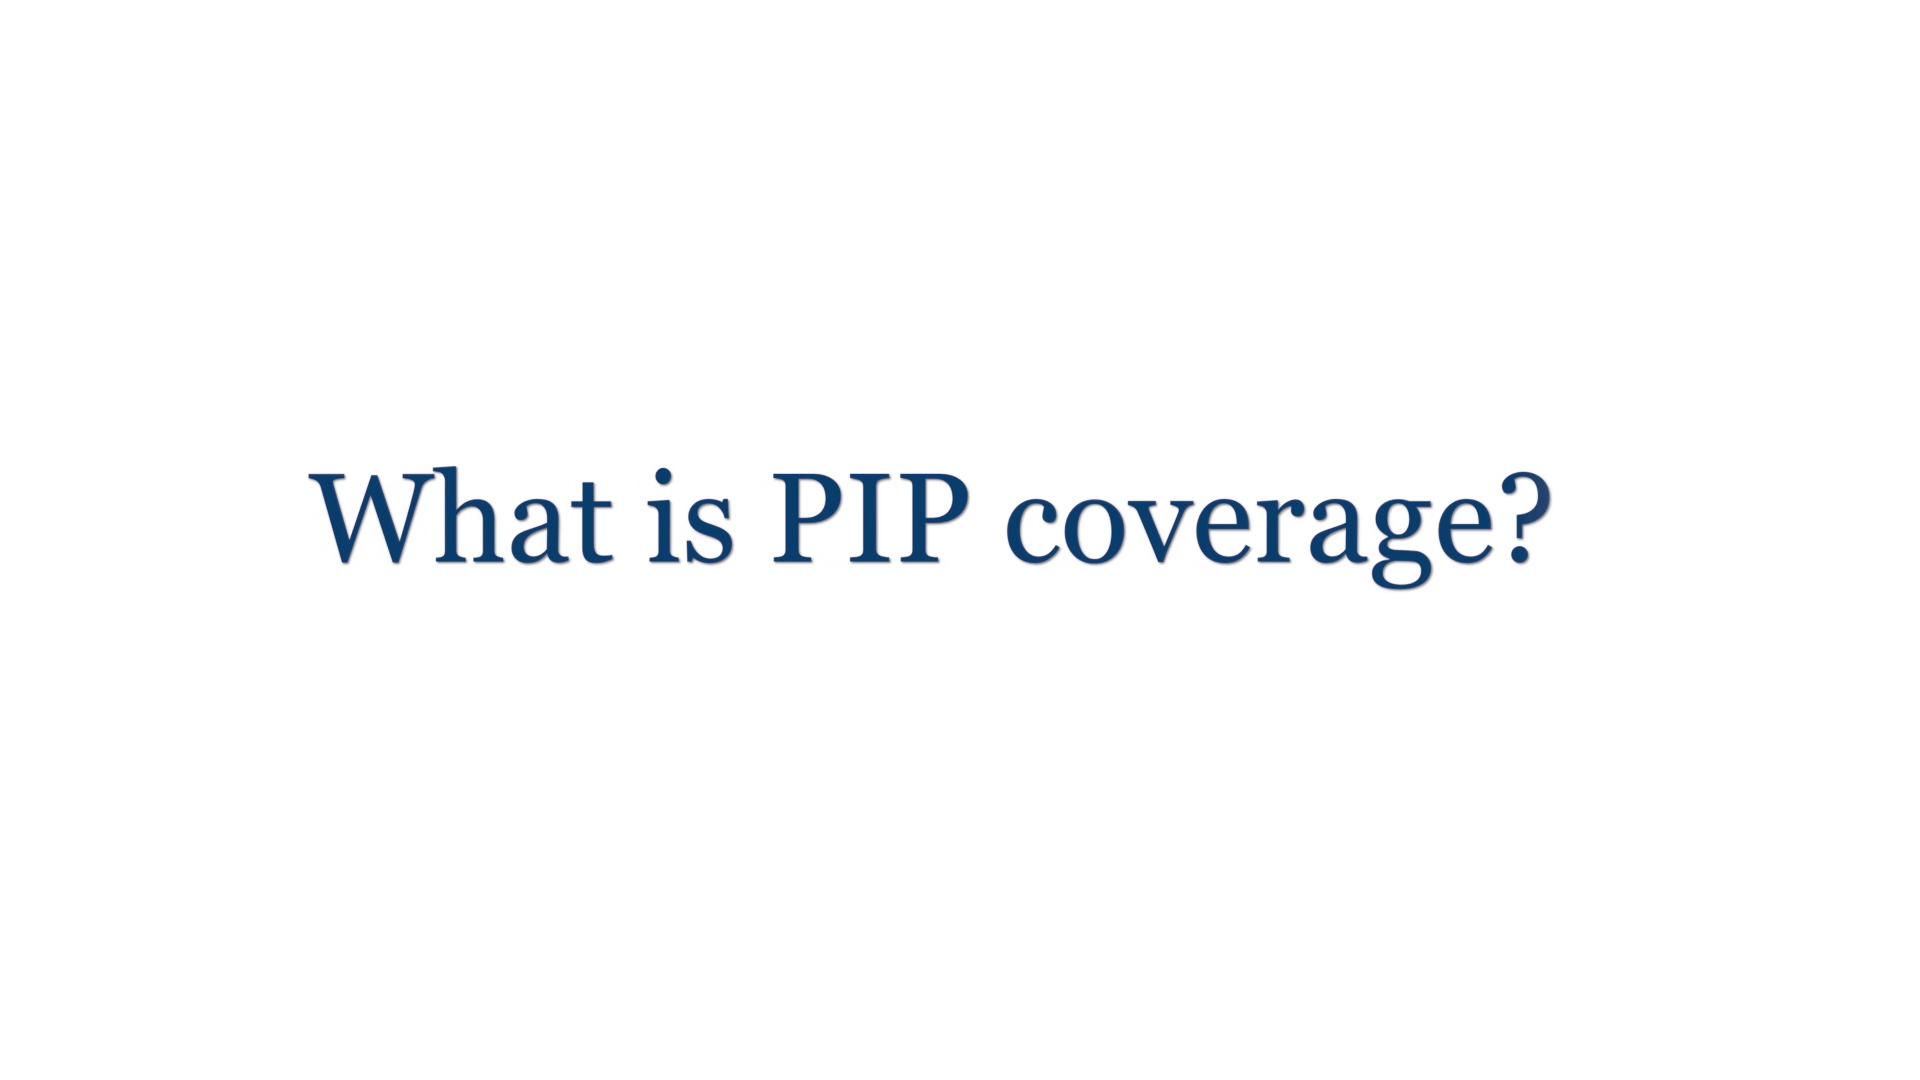 ¿Qué es la cobertura PIP? (Protección Personal contra Lesiones)